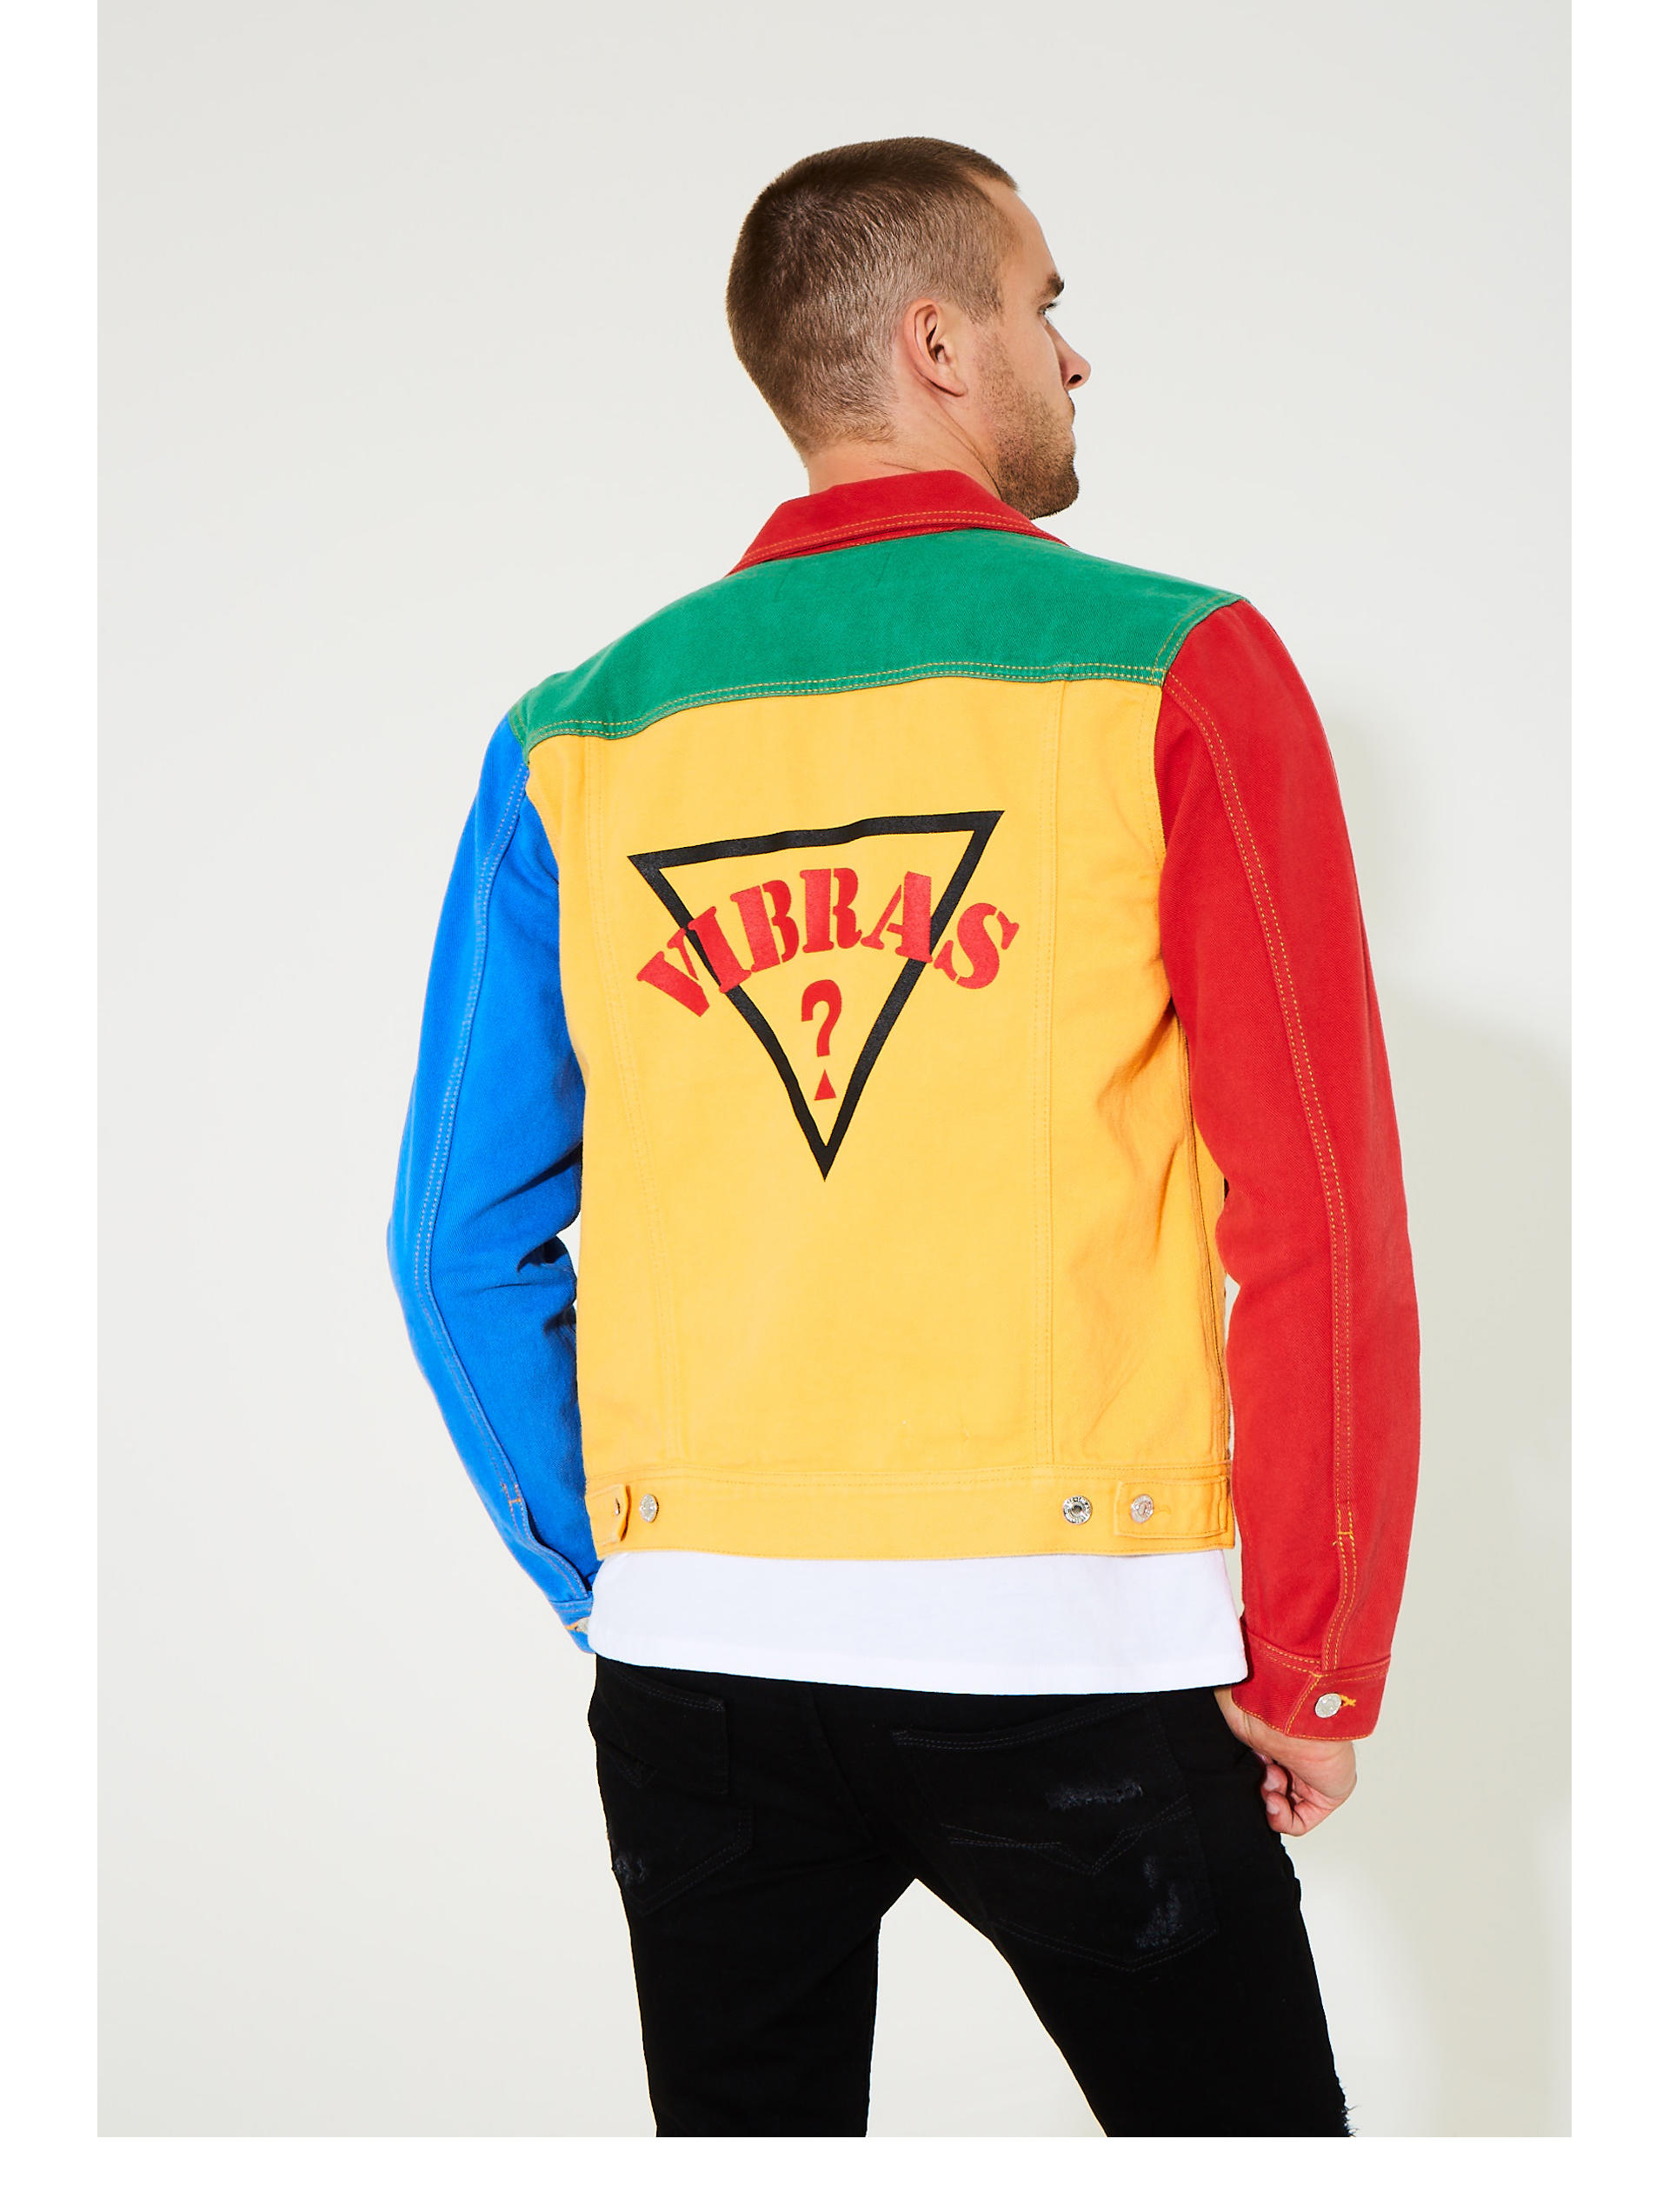 f910223fd1faa1 GUESS x J Balvin Color-Block Denim Jacket